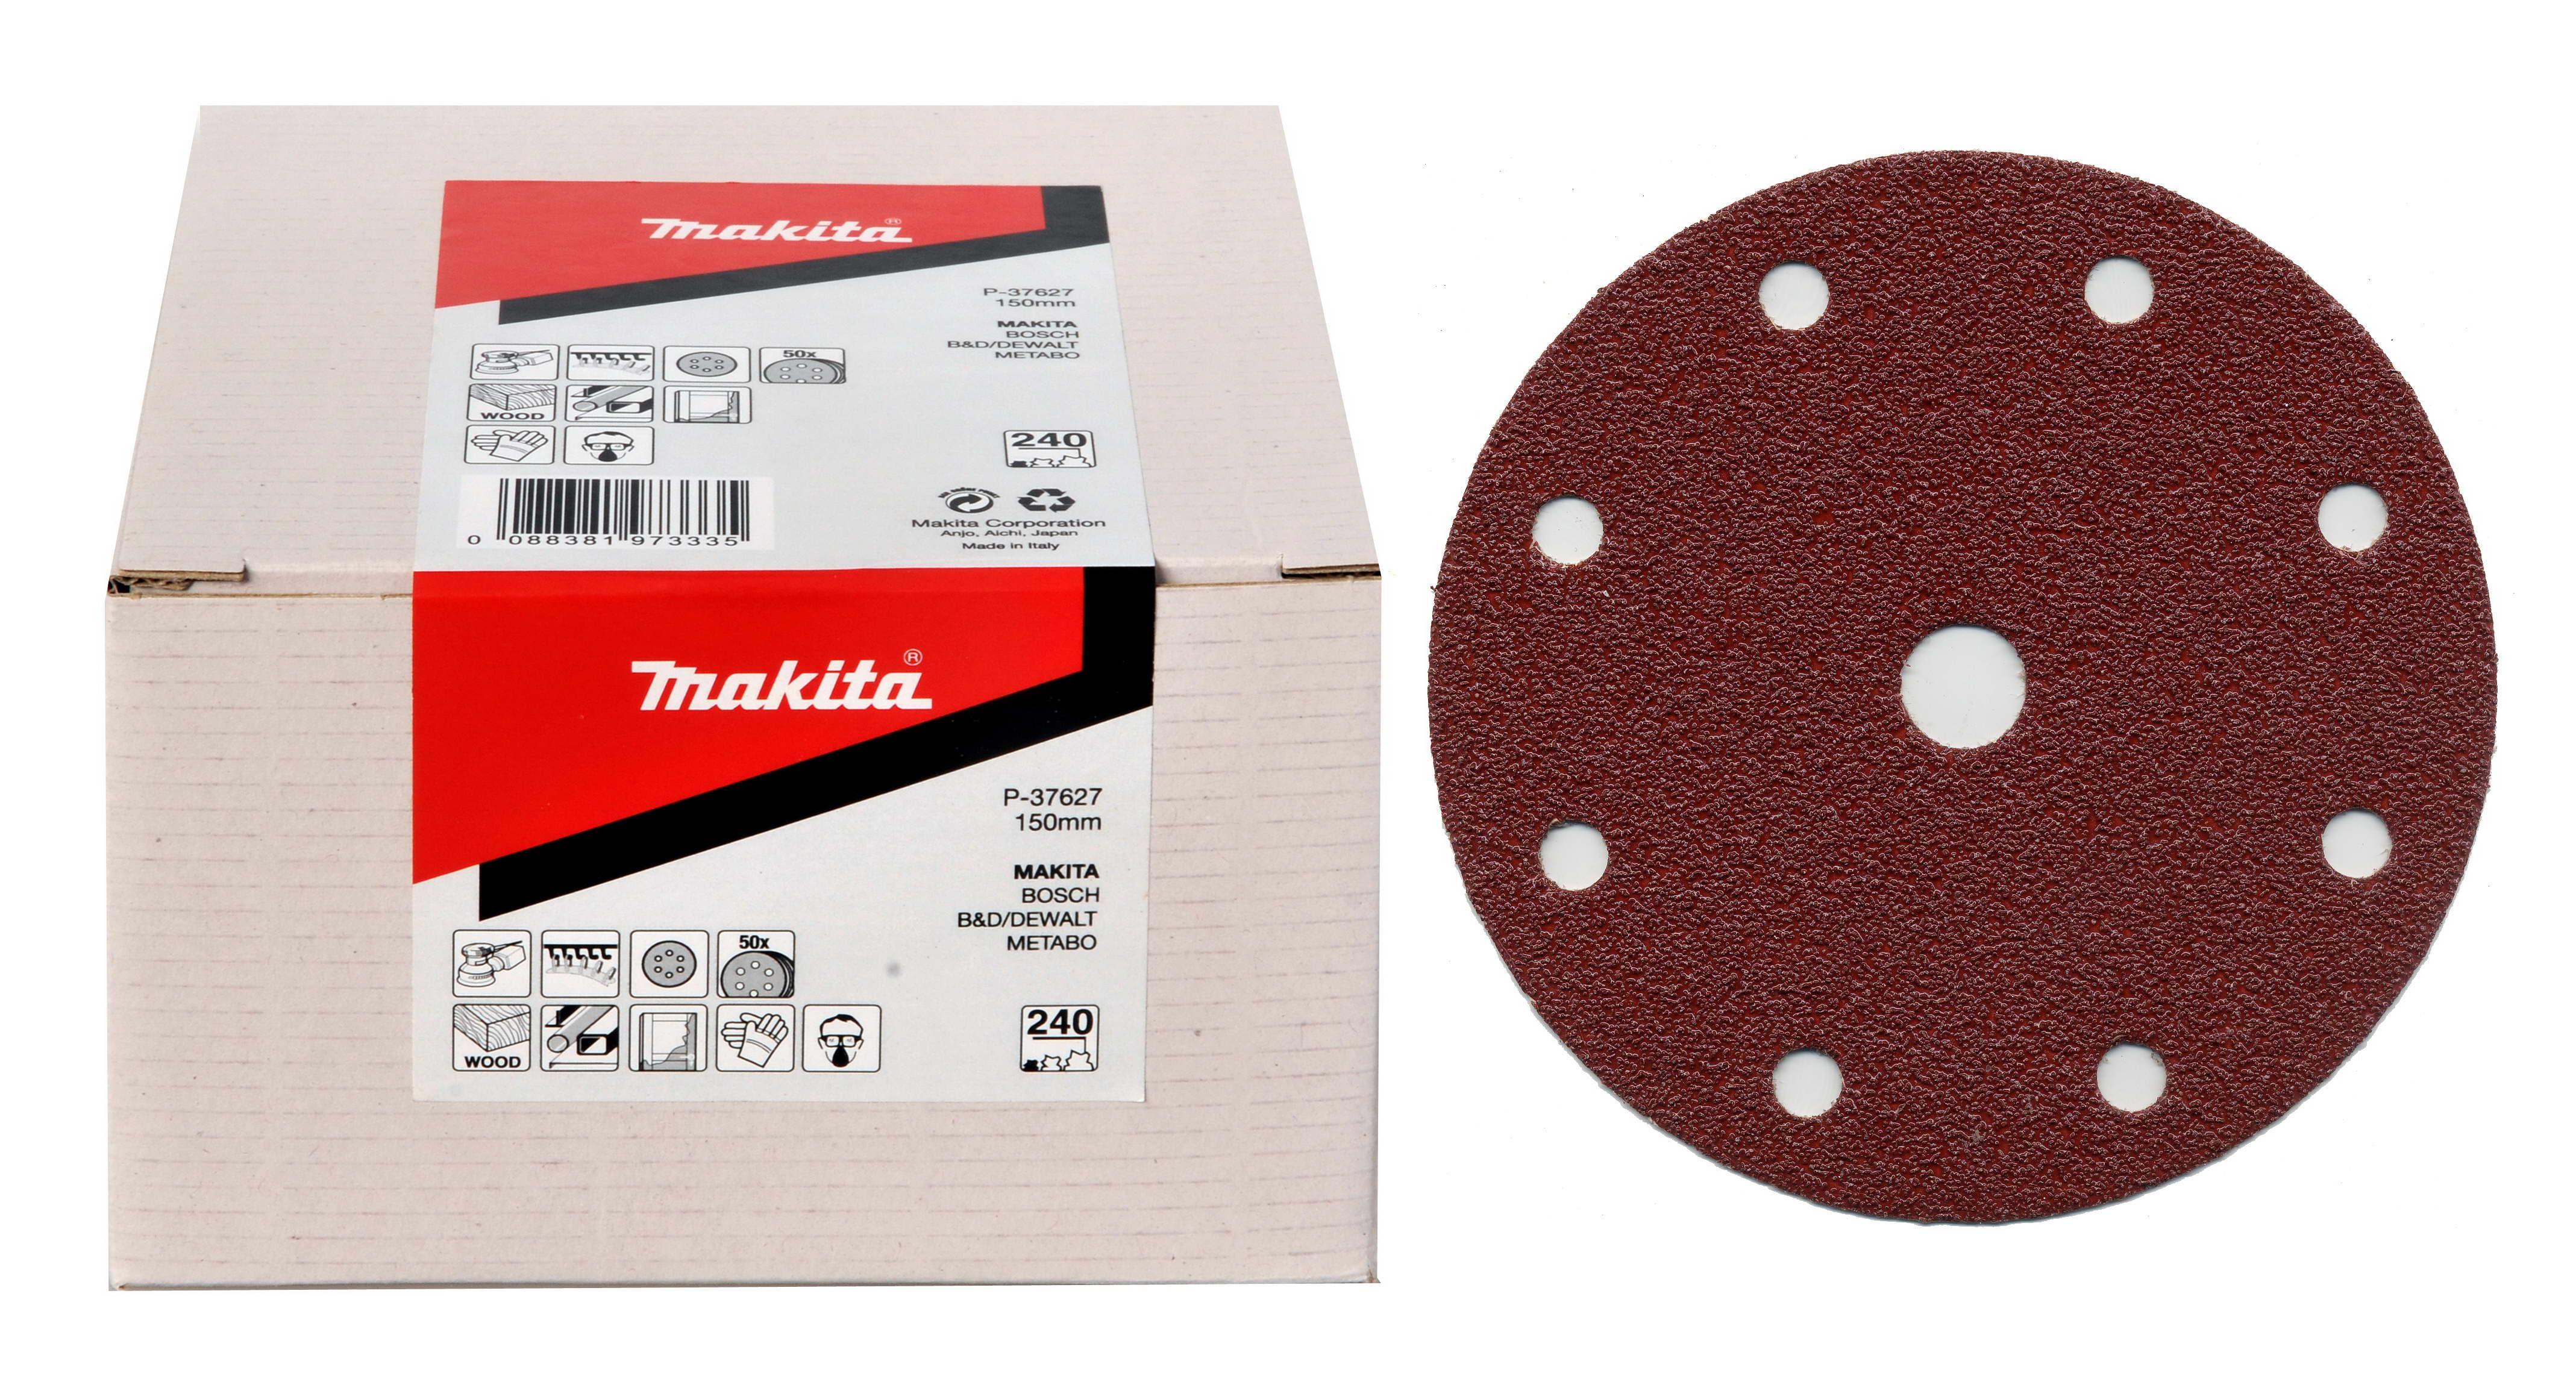 Makita P-37574 brus.pap150mm6otK60 50ksBO6030,40